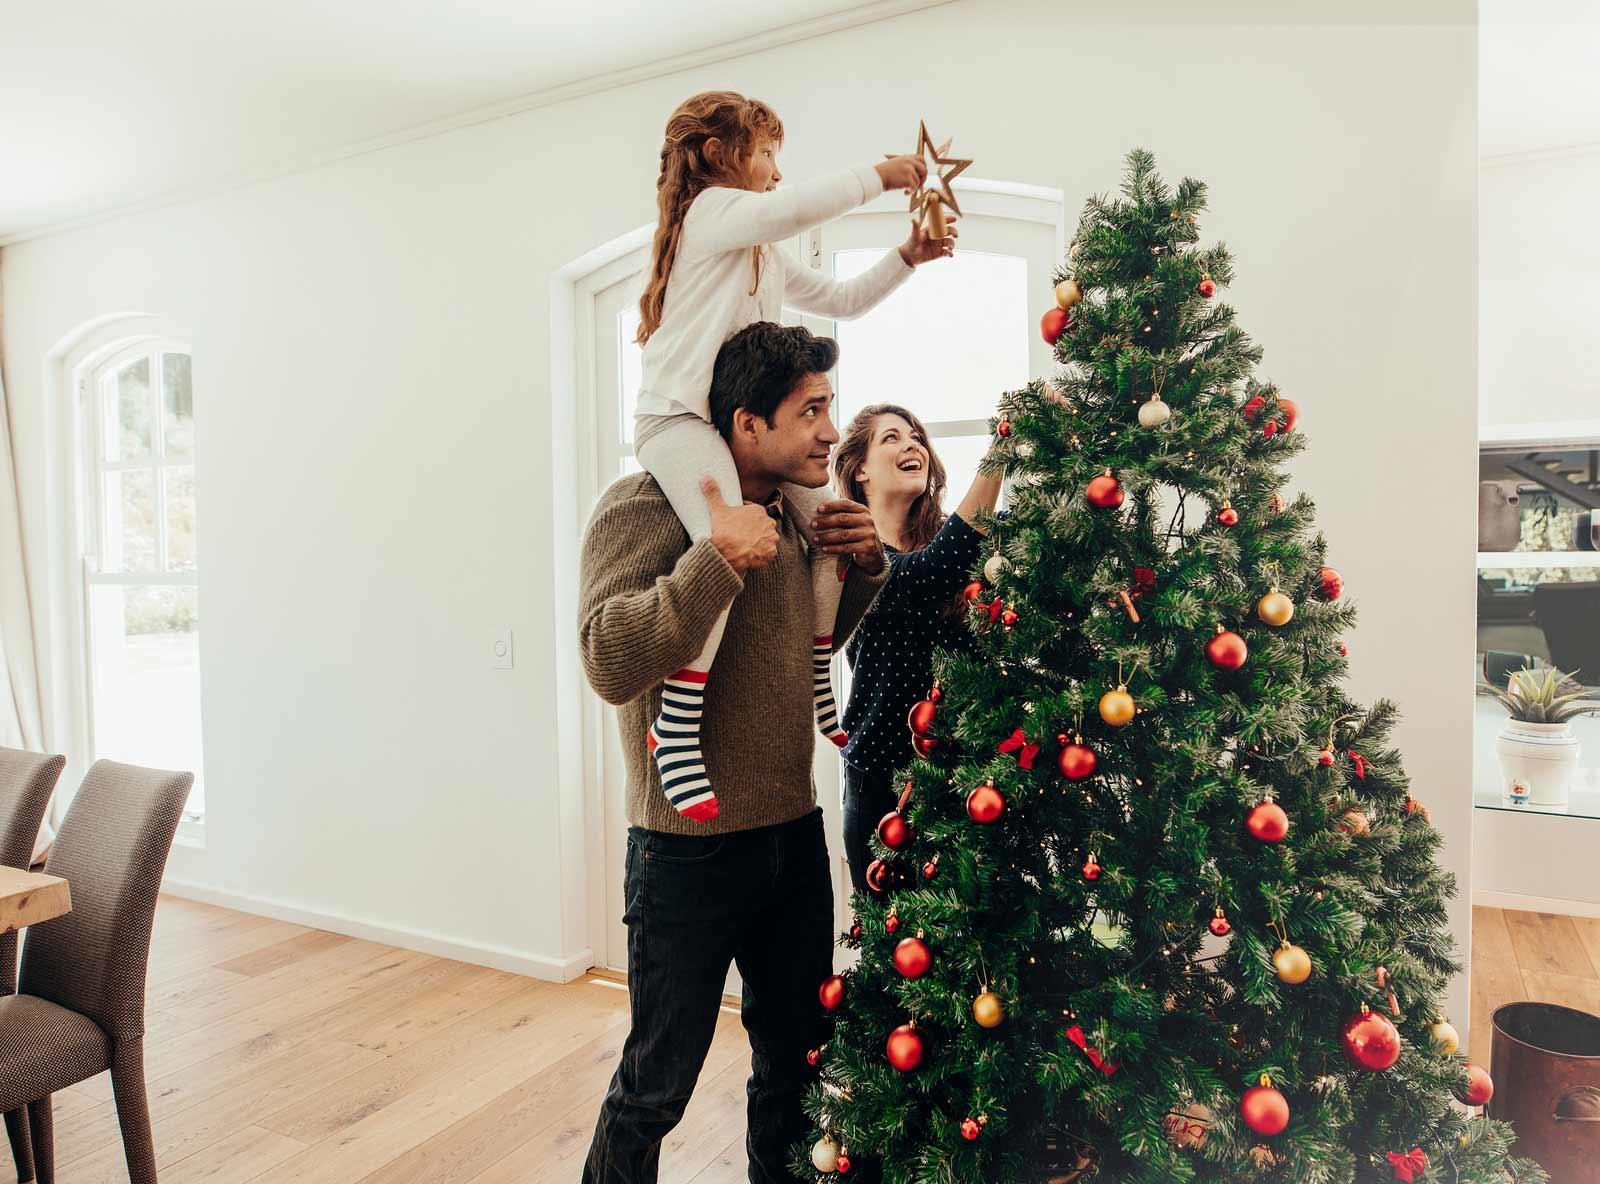 Una familia prepara su árbol de navidad para fiestas.